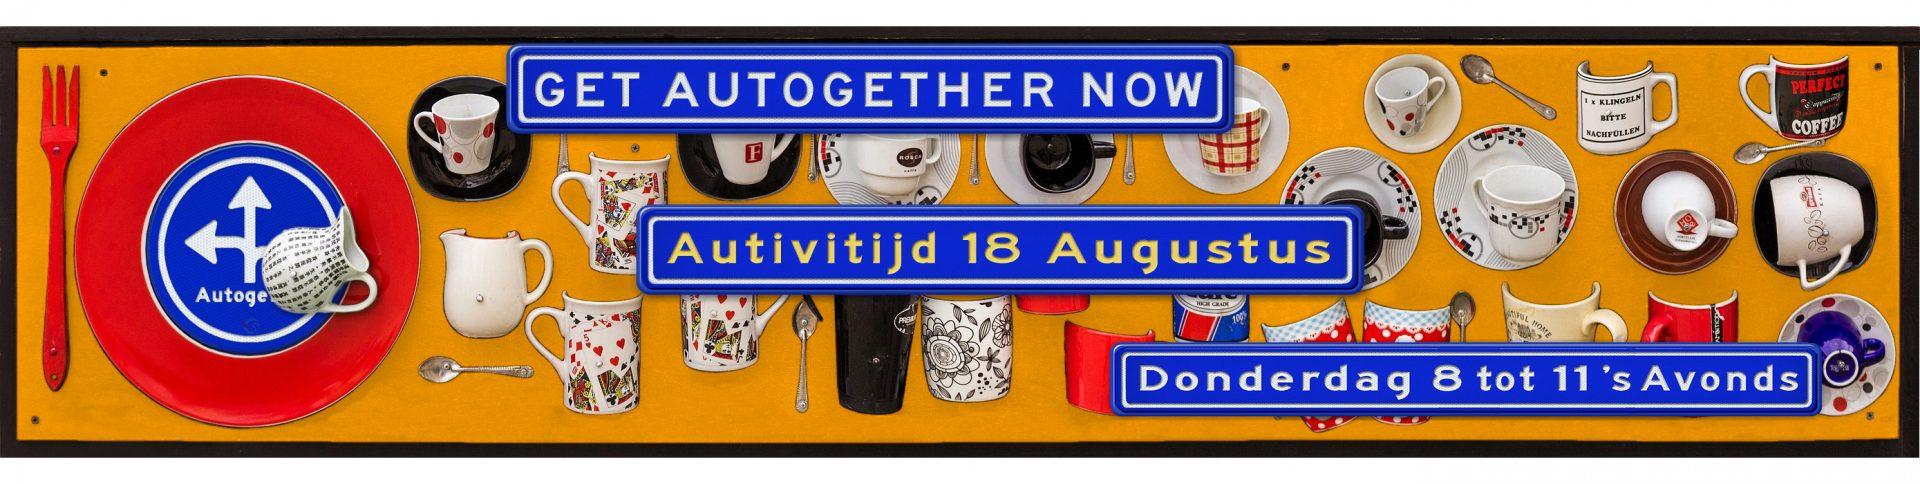 Donderdag 18 Augustus van 20:00 tot 23:00 is het weer Autogether in de Tapijn